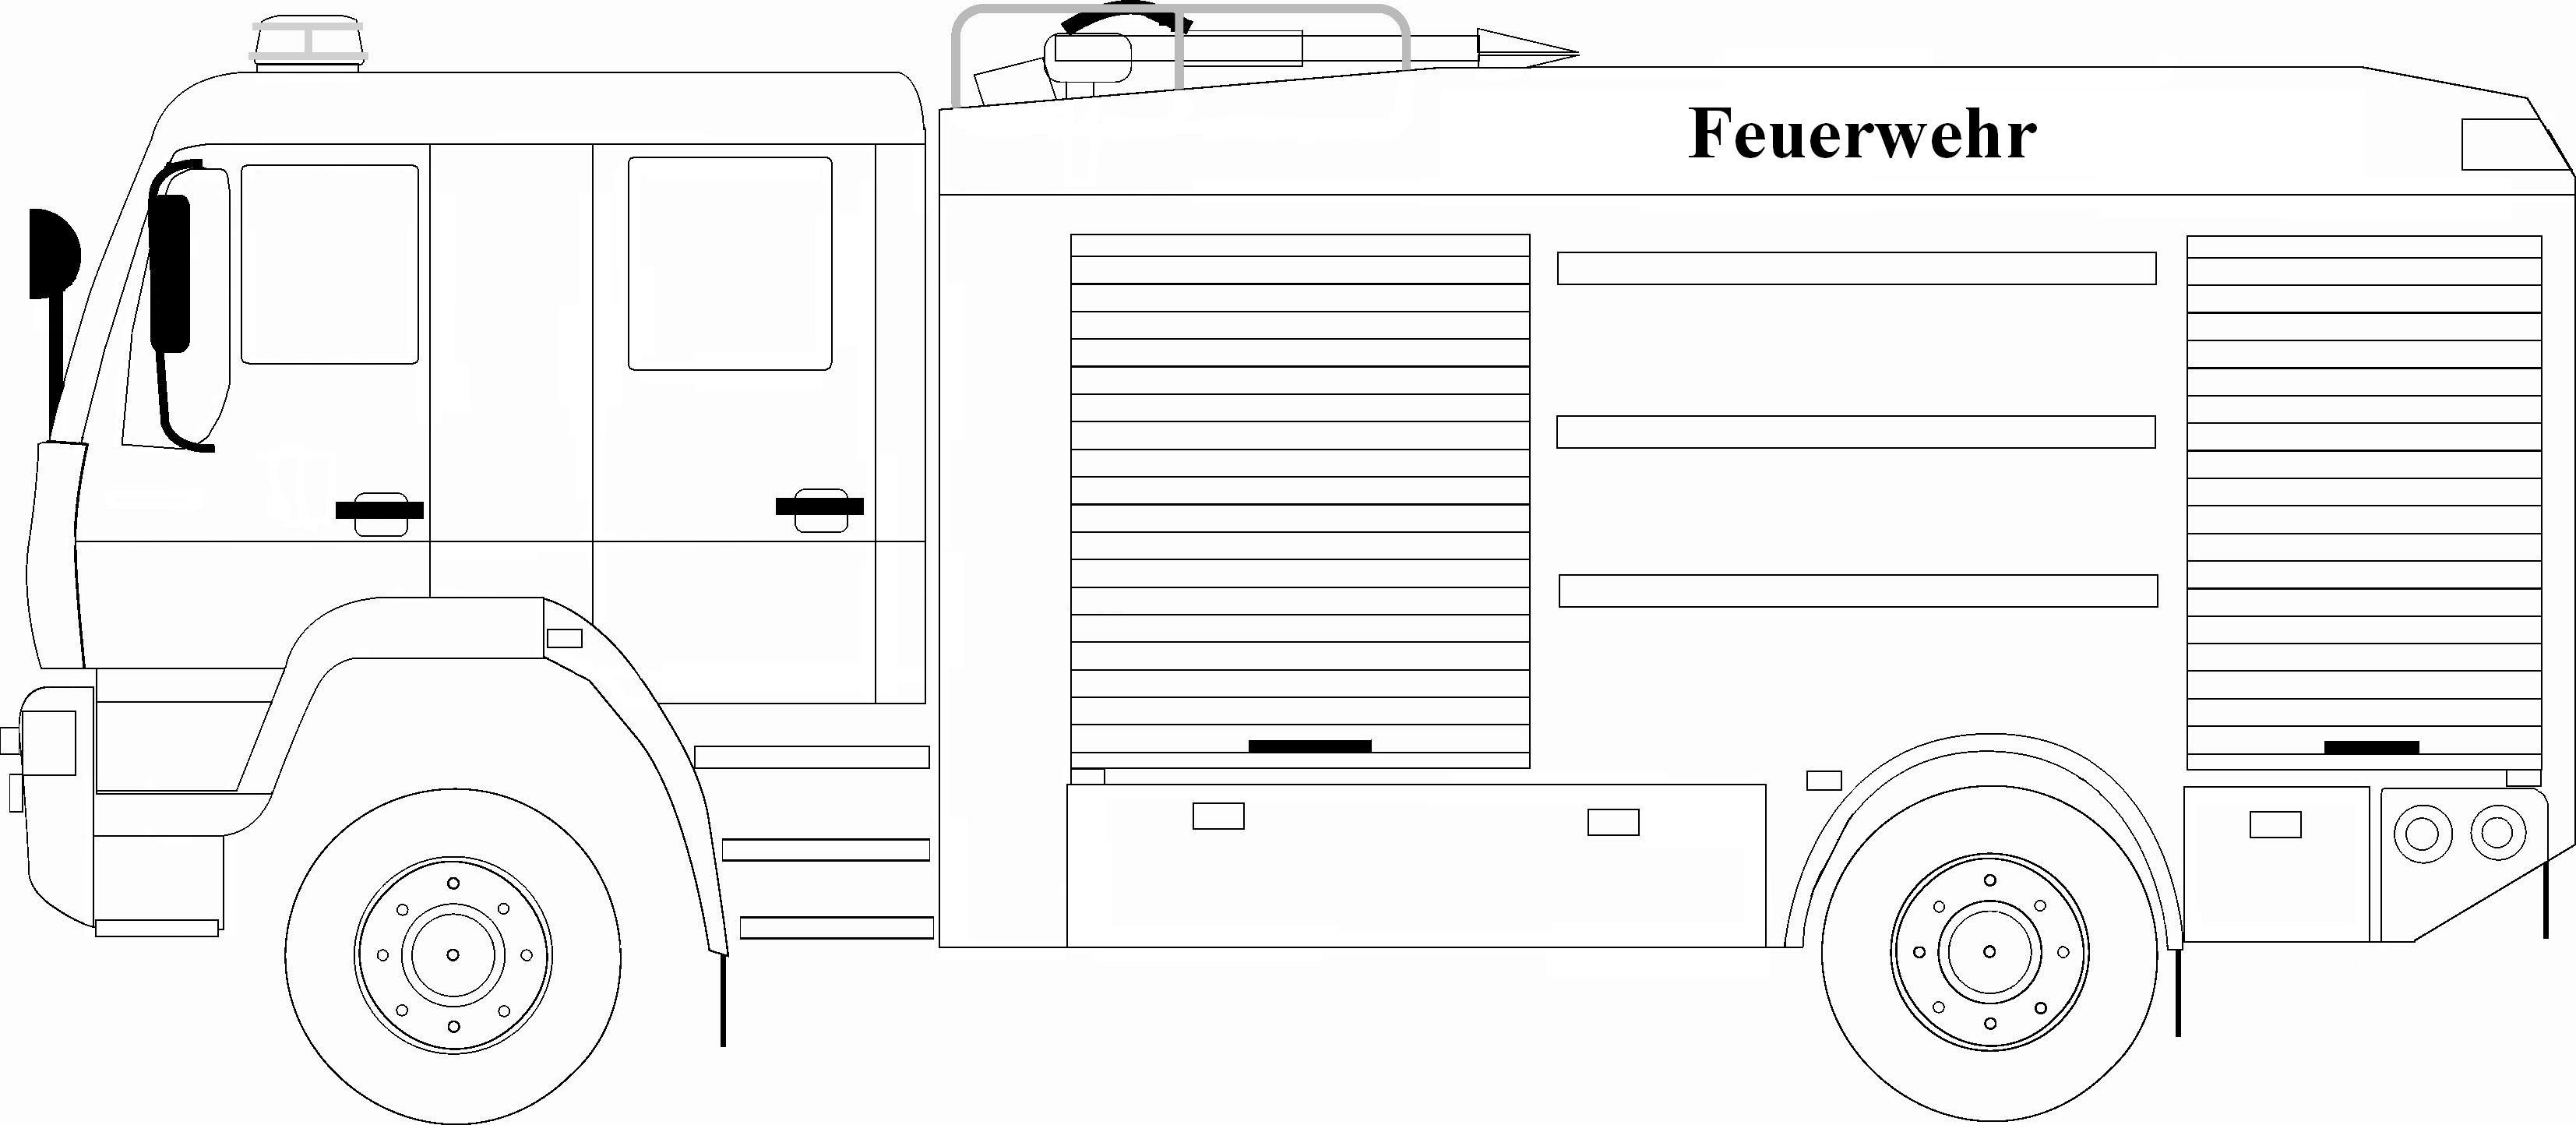 10 ausmalbilder feuerwehr kostenlos top kostenlos f rbung seite advents bilder f r kinder. Black Bedroom Furniture Sets. Home Design Ideas